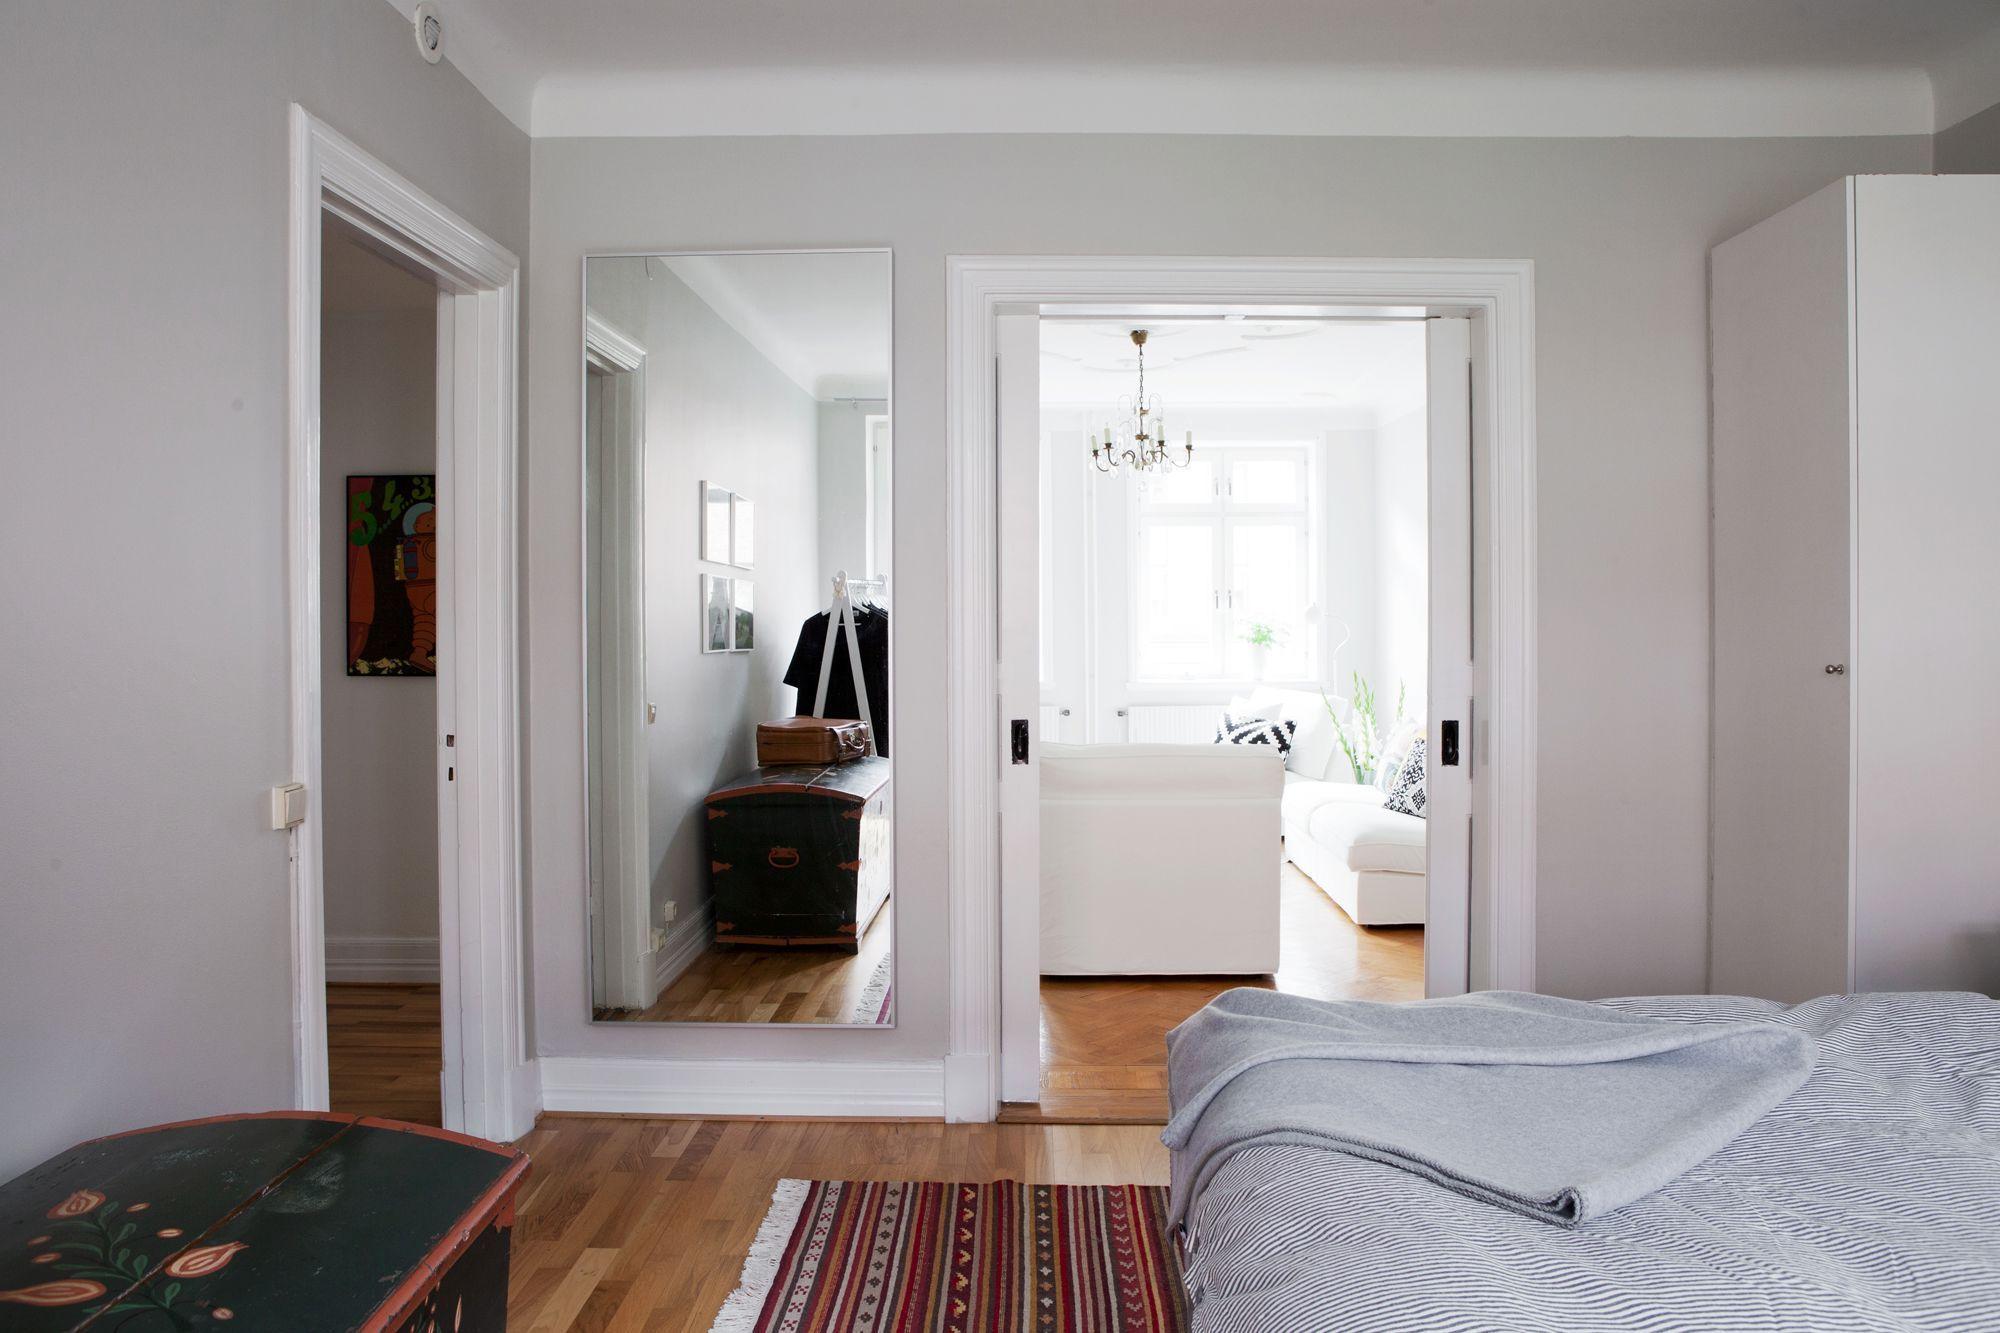 Paredes grises muebles blancos suelo de madera paredes for Ikea amueblar piso pequeno